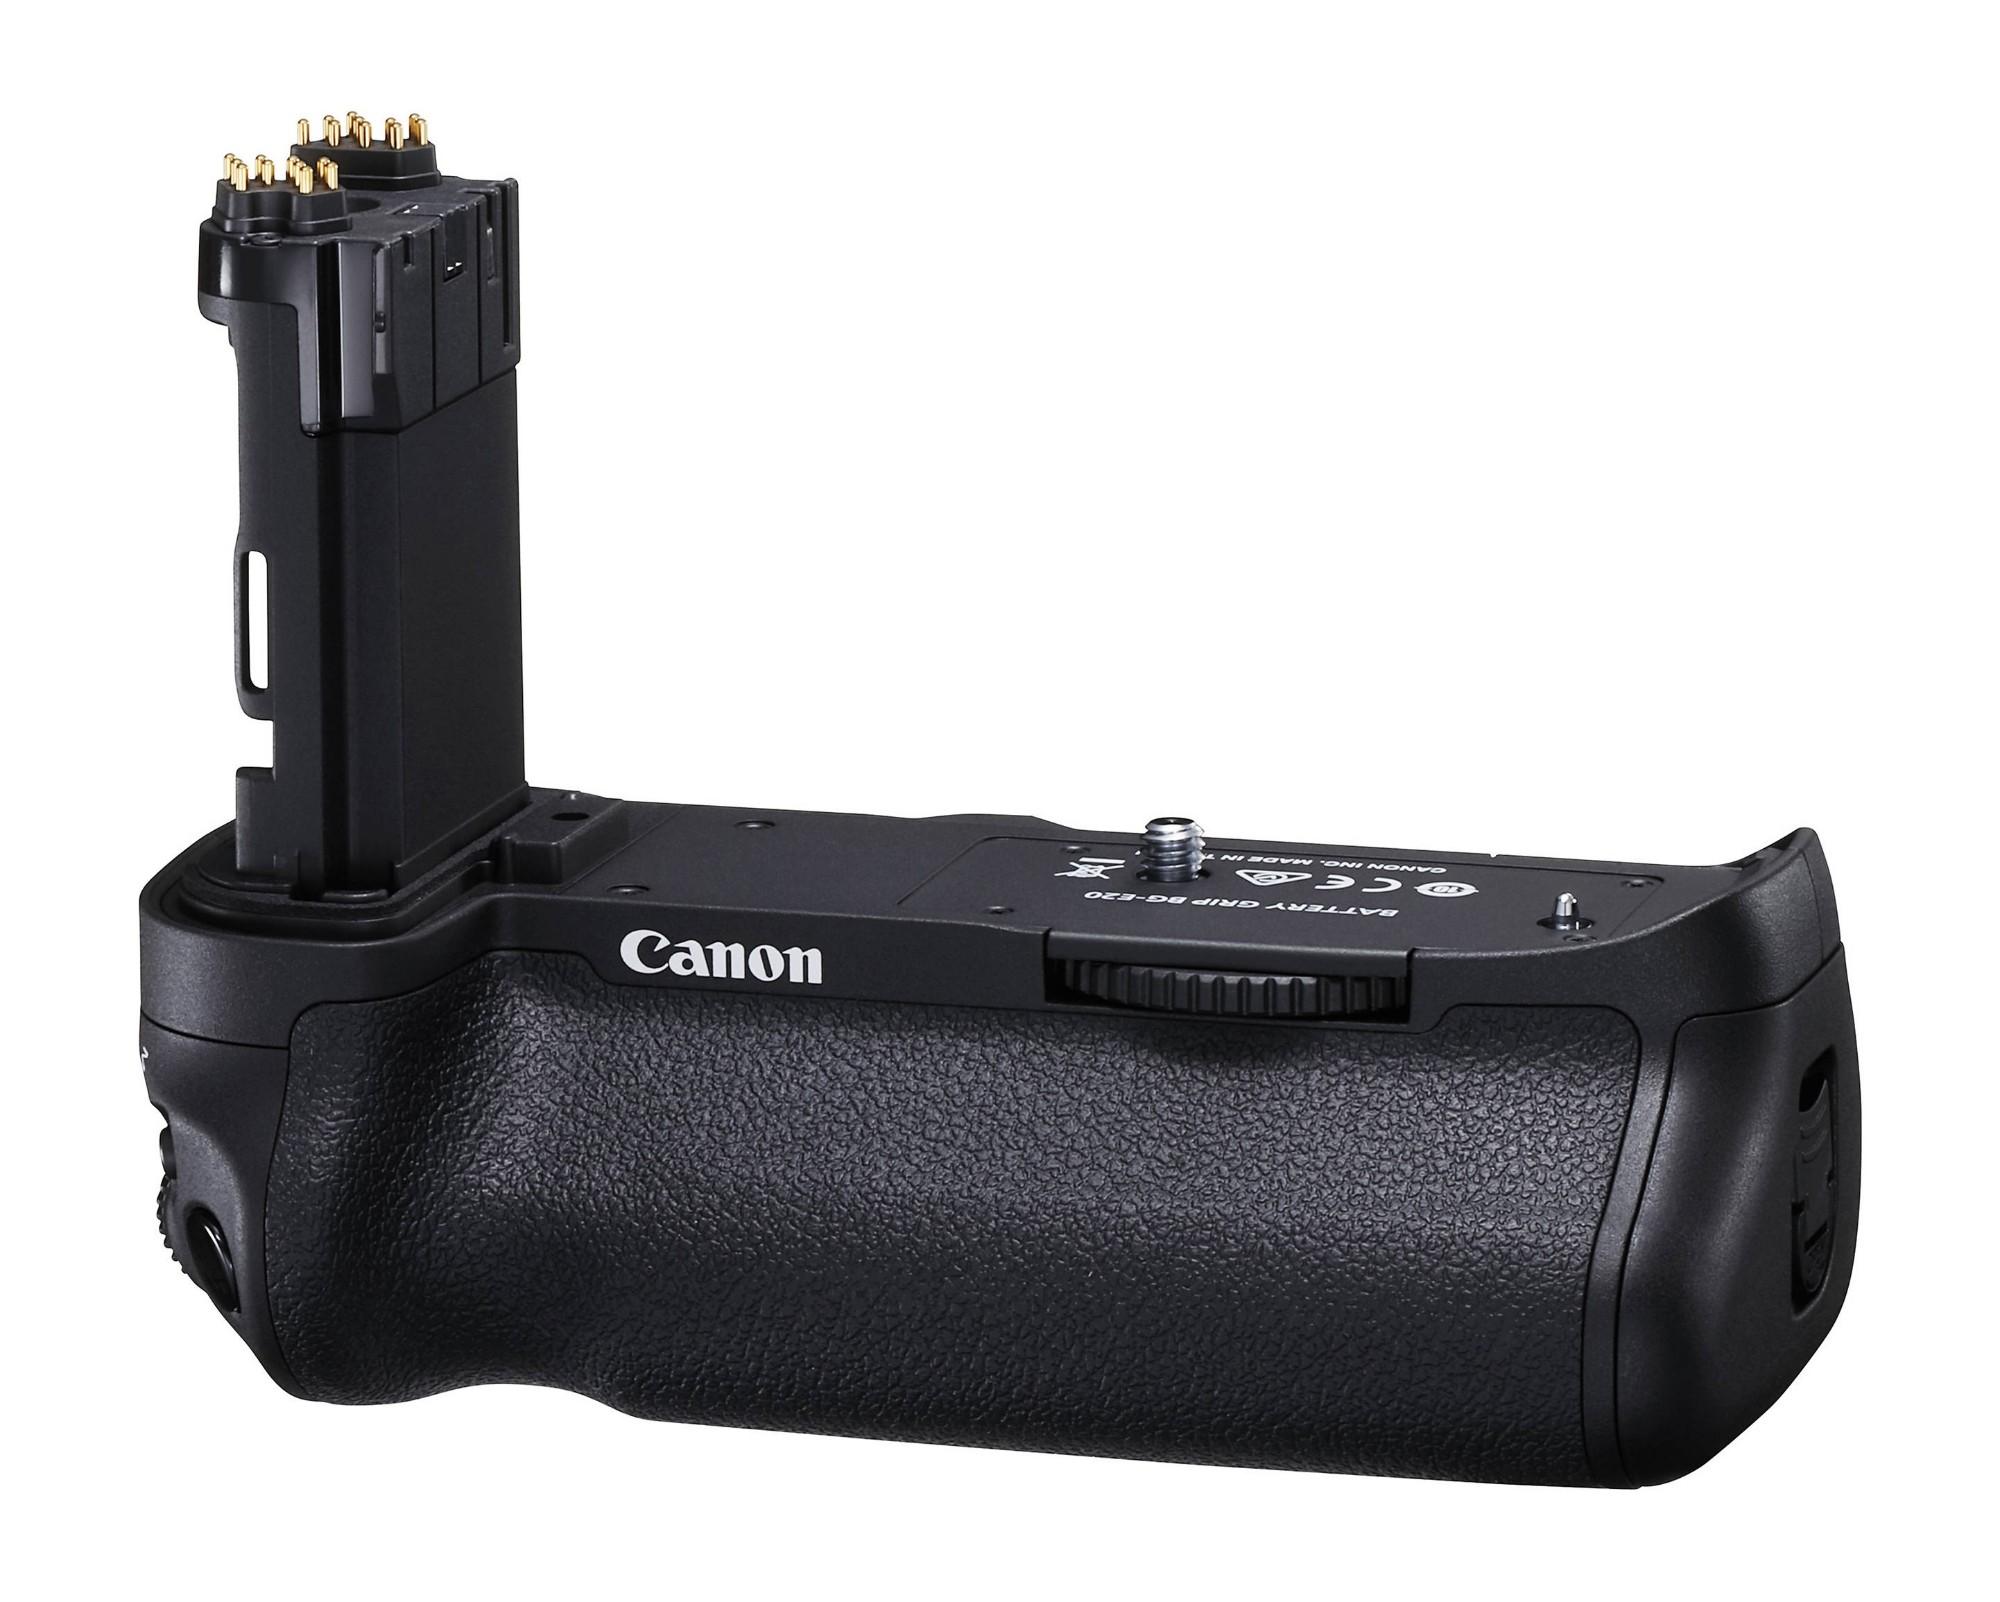 Canon BG-E20 digital camera grip Digital camera battery grip Black